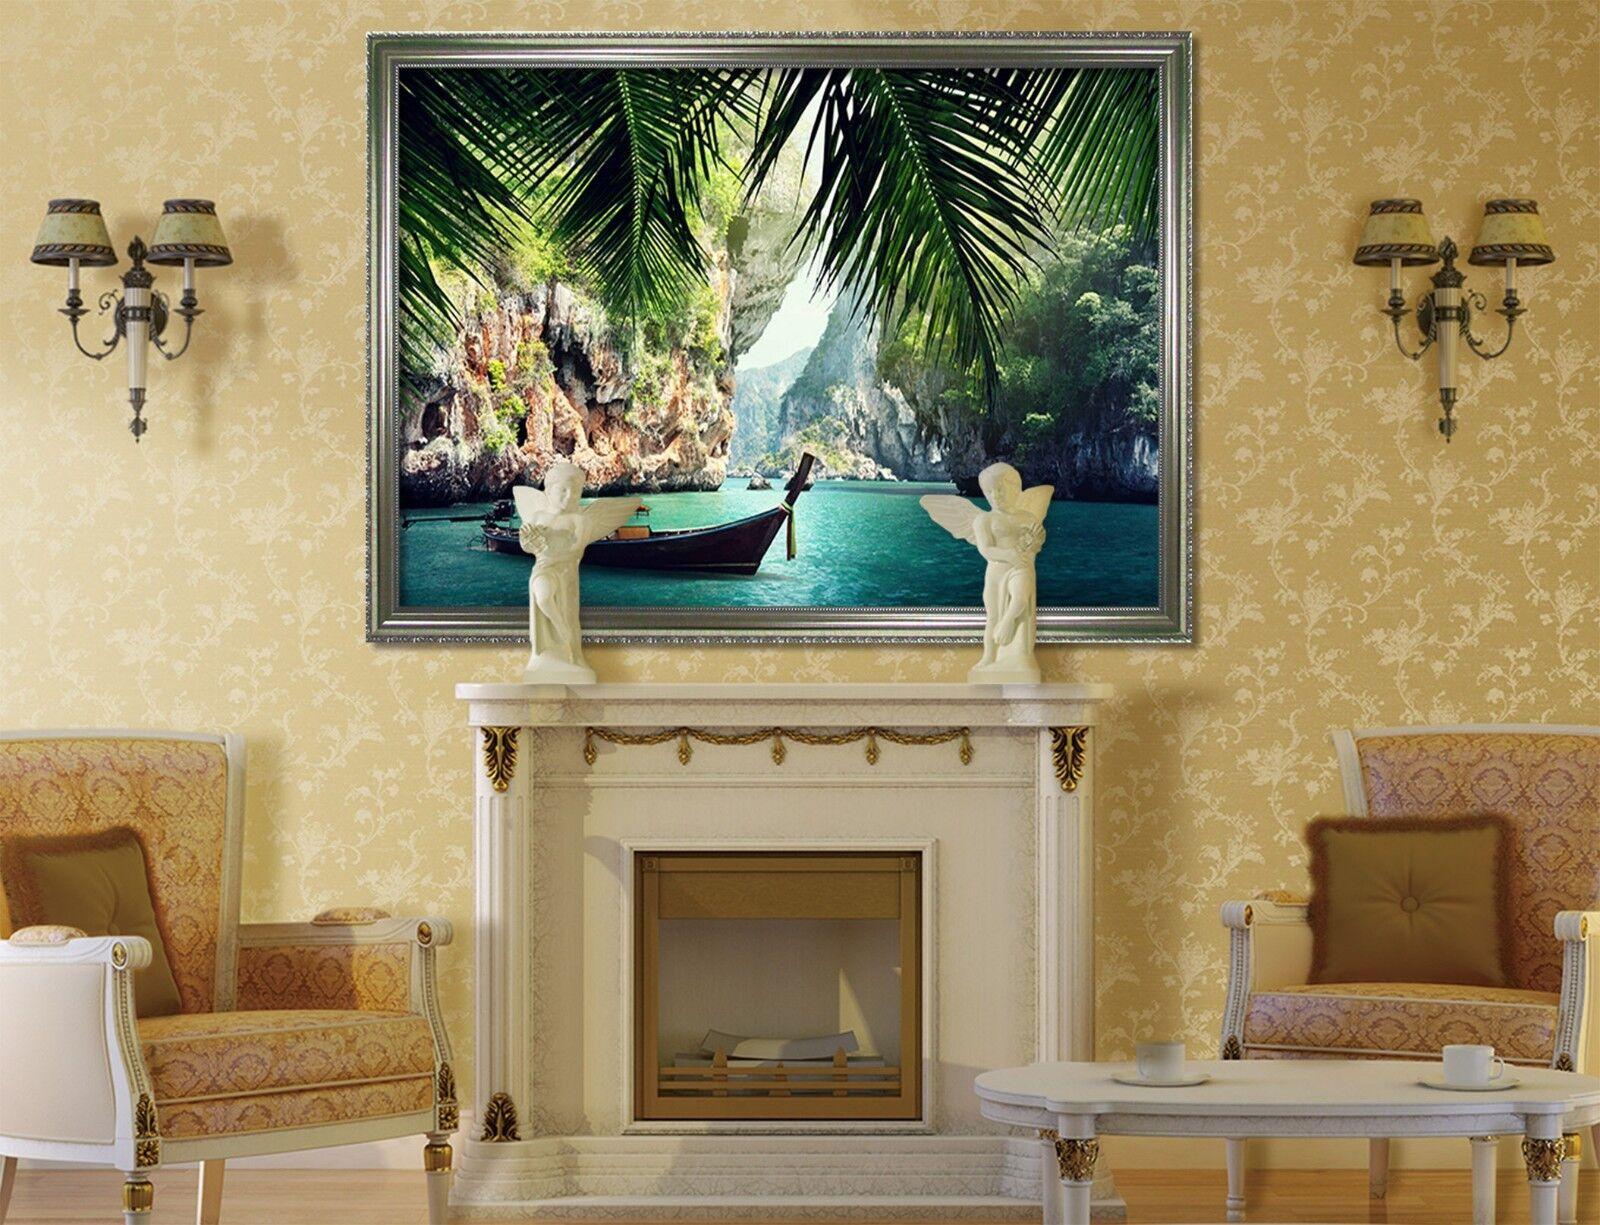 3D barco 51 Póster Enmarcado Lago Decoración del Hogar Pintura de Impresión Arte AJ Wallpaper